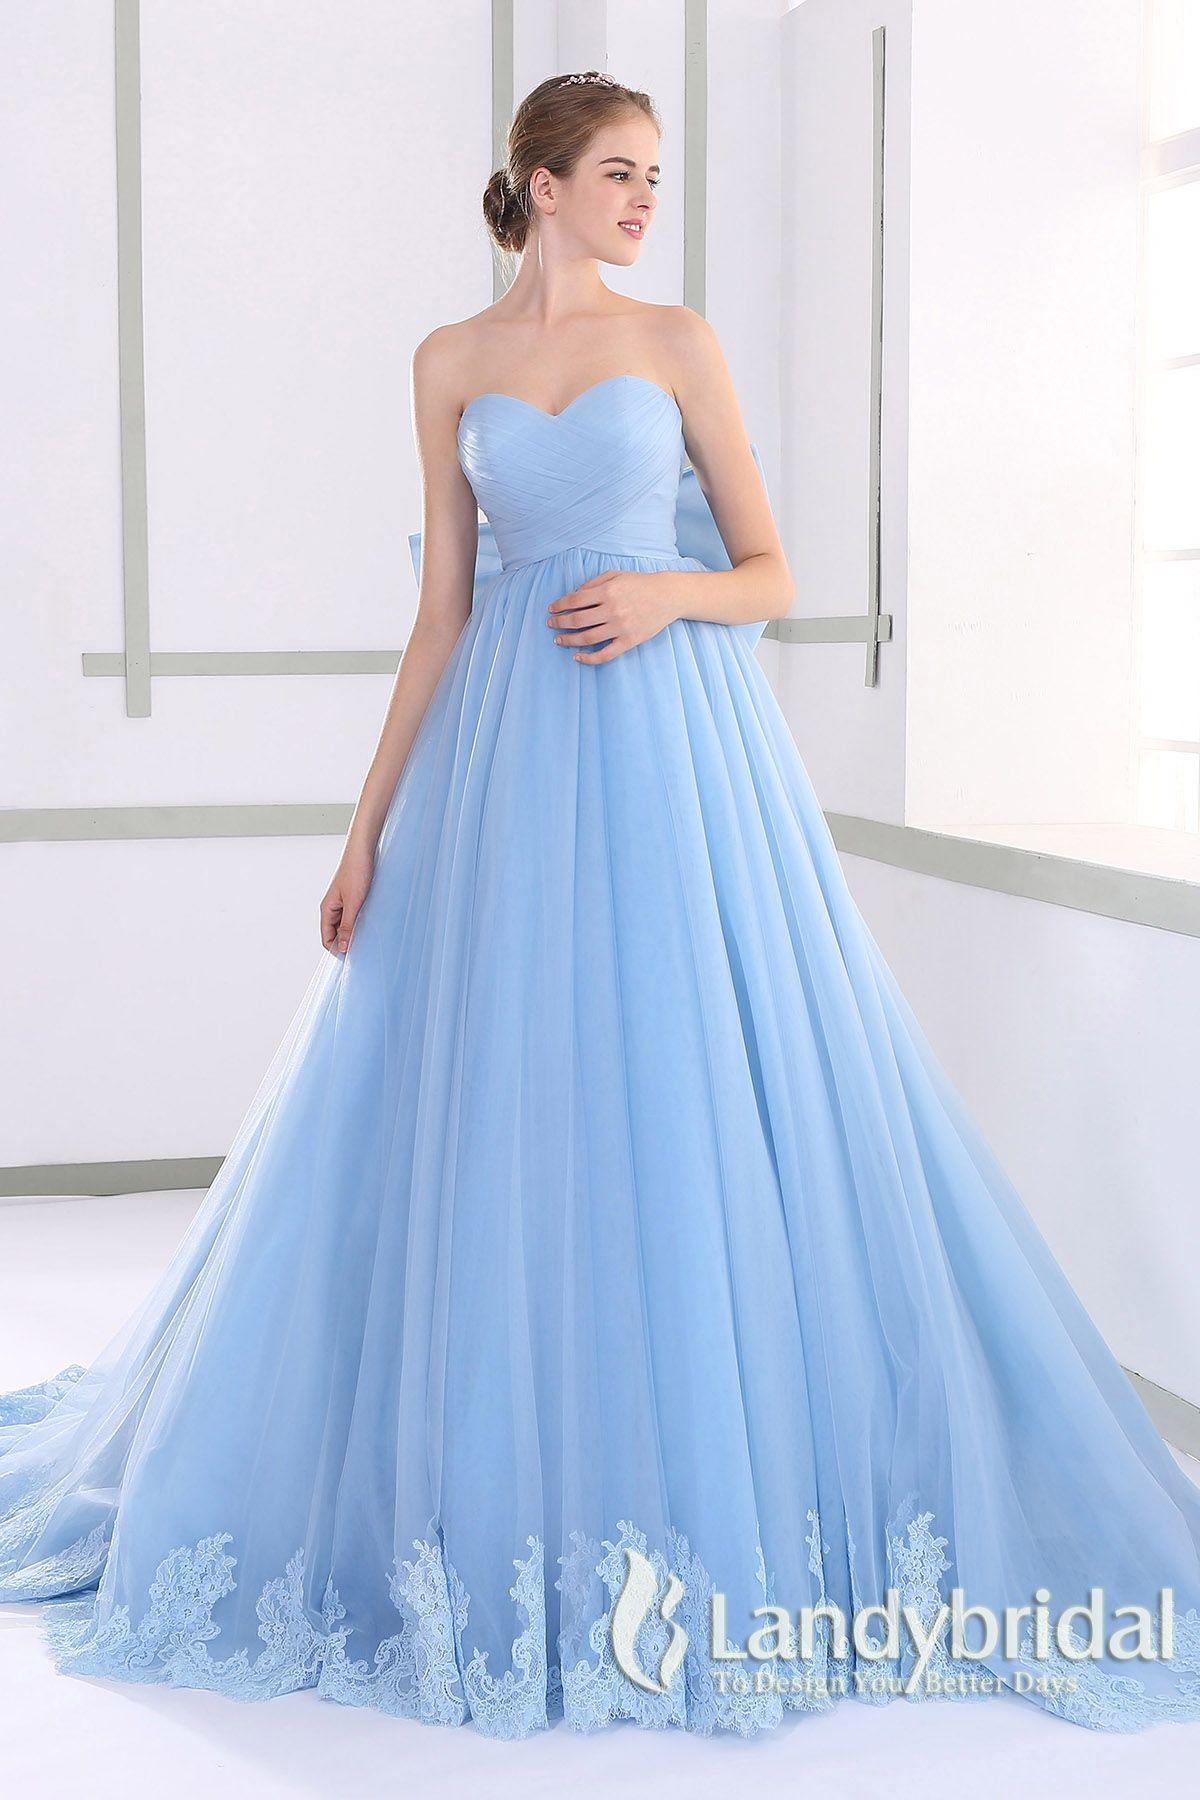 カラードレス プリンセス 取り外し式リボン ハートネック スカイブルー チュール JUL015008-sk